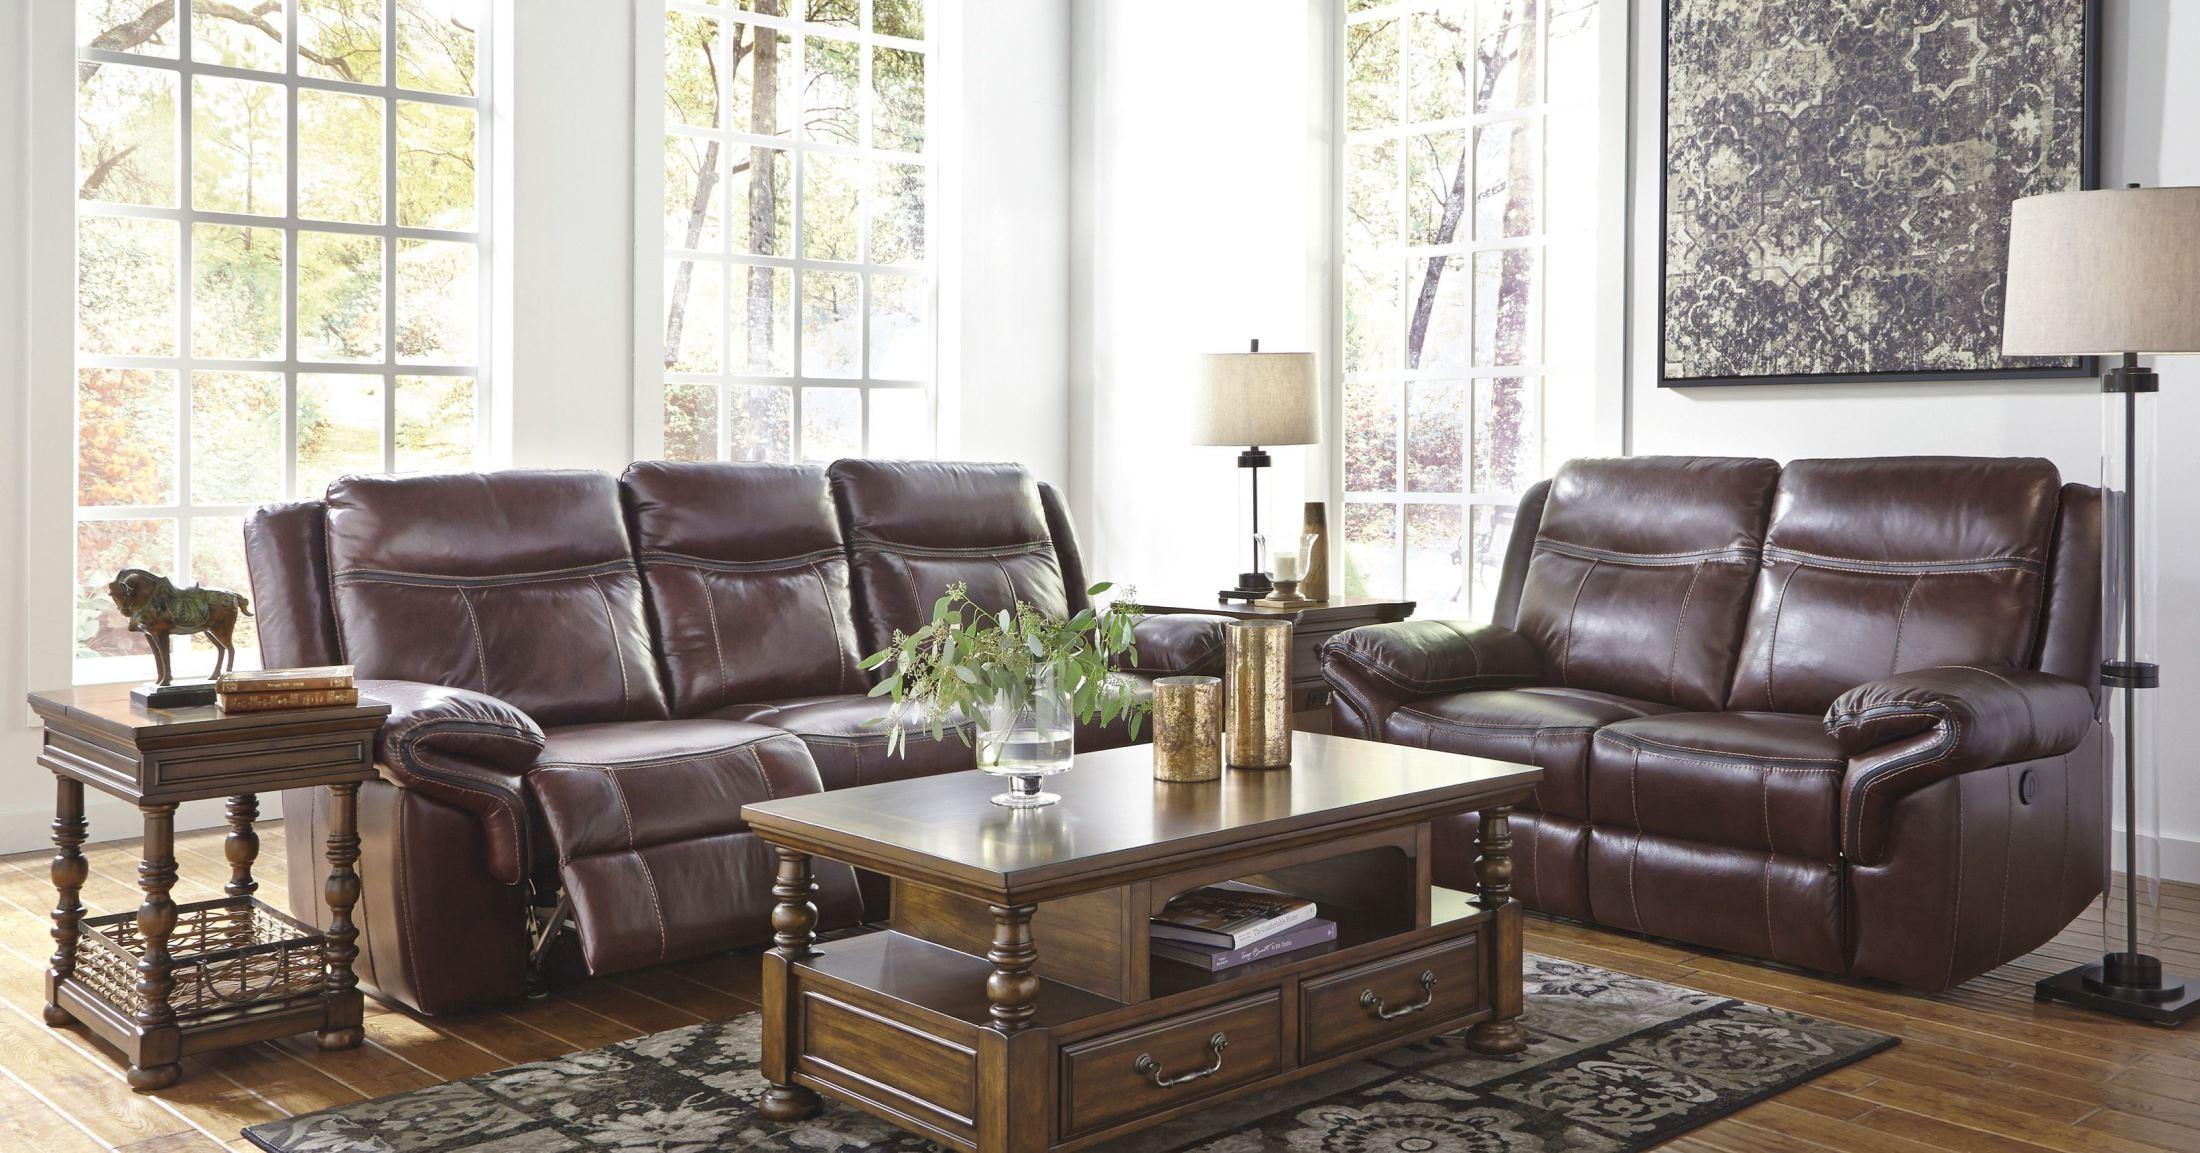 Zephen Mahogany Reclining Mahogany Living Room Set From